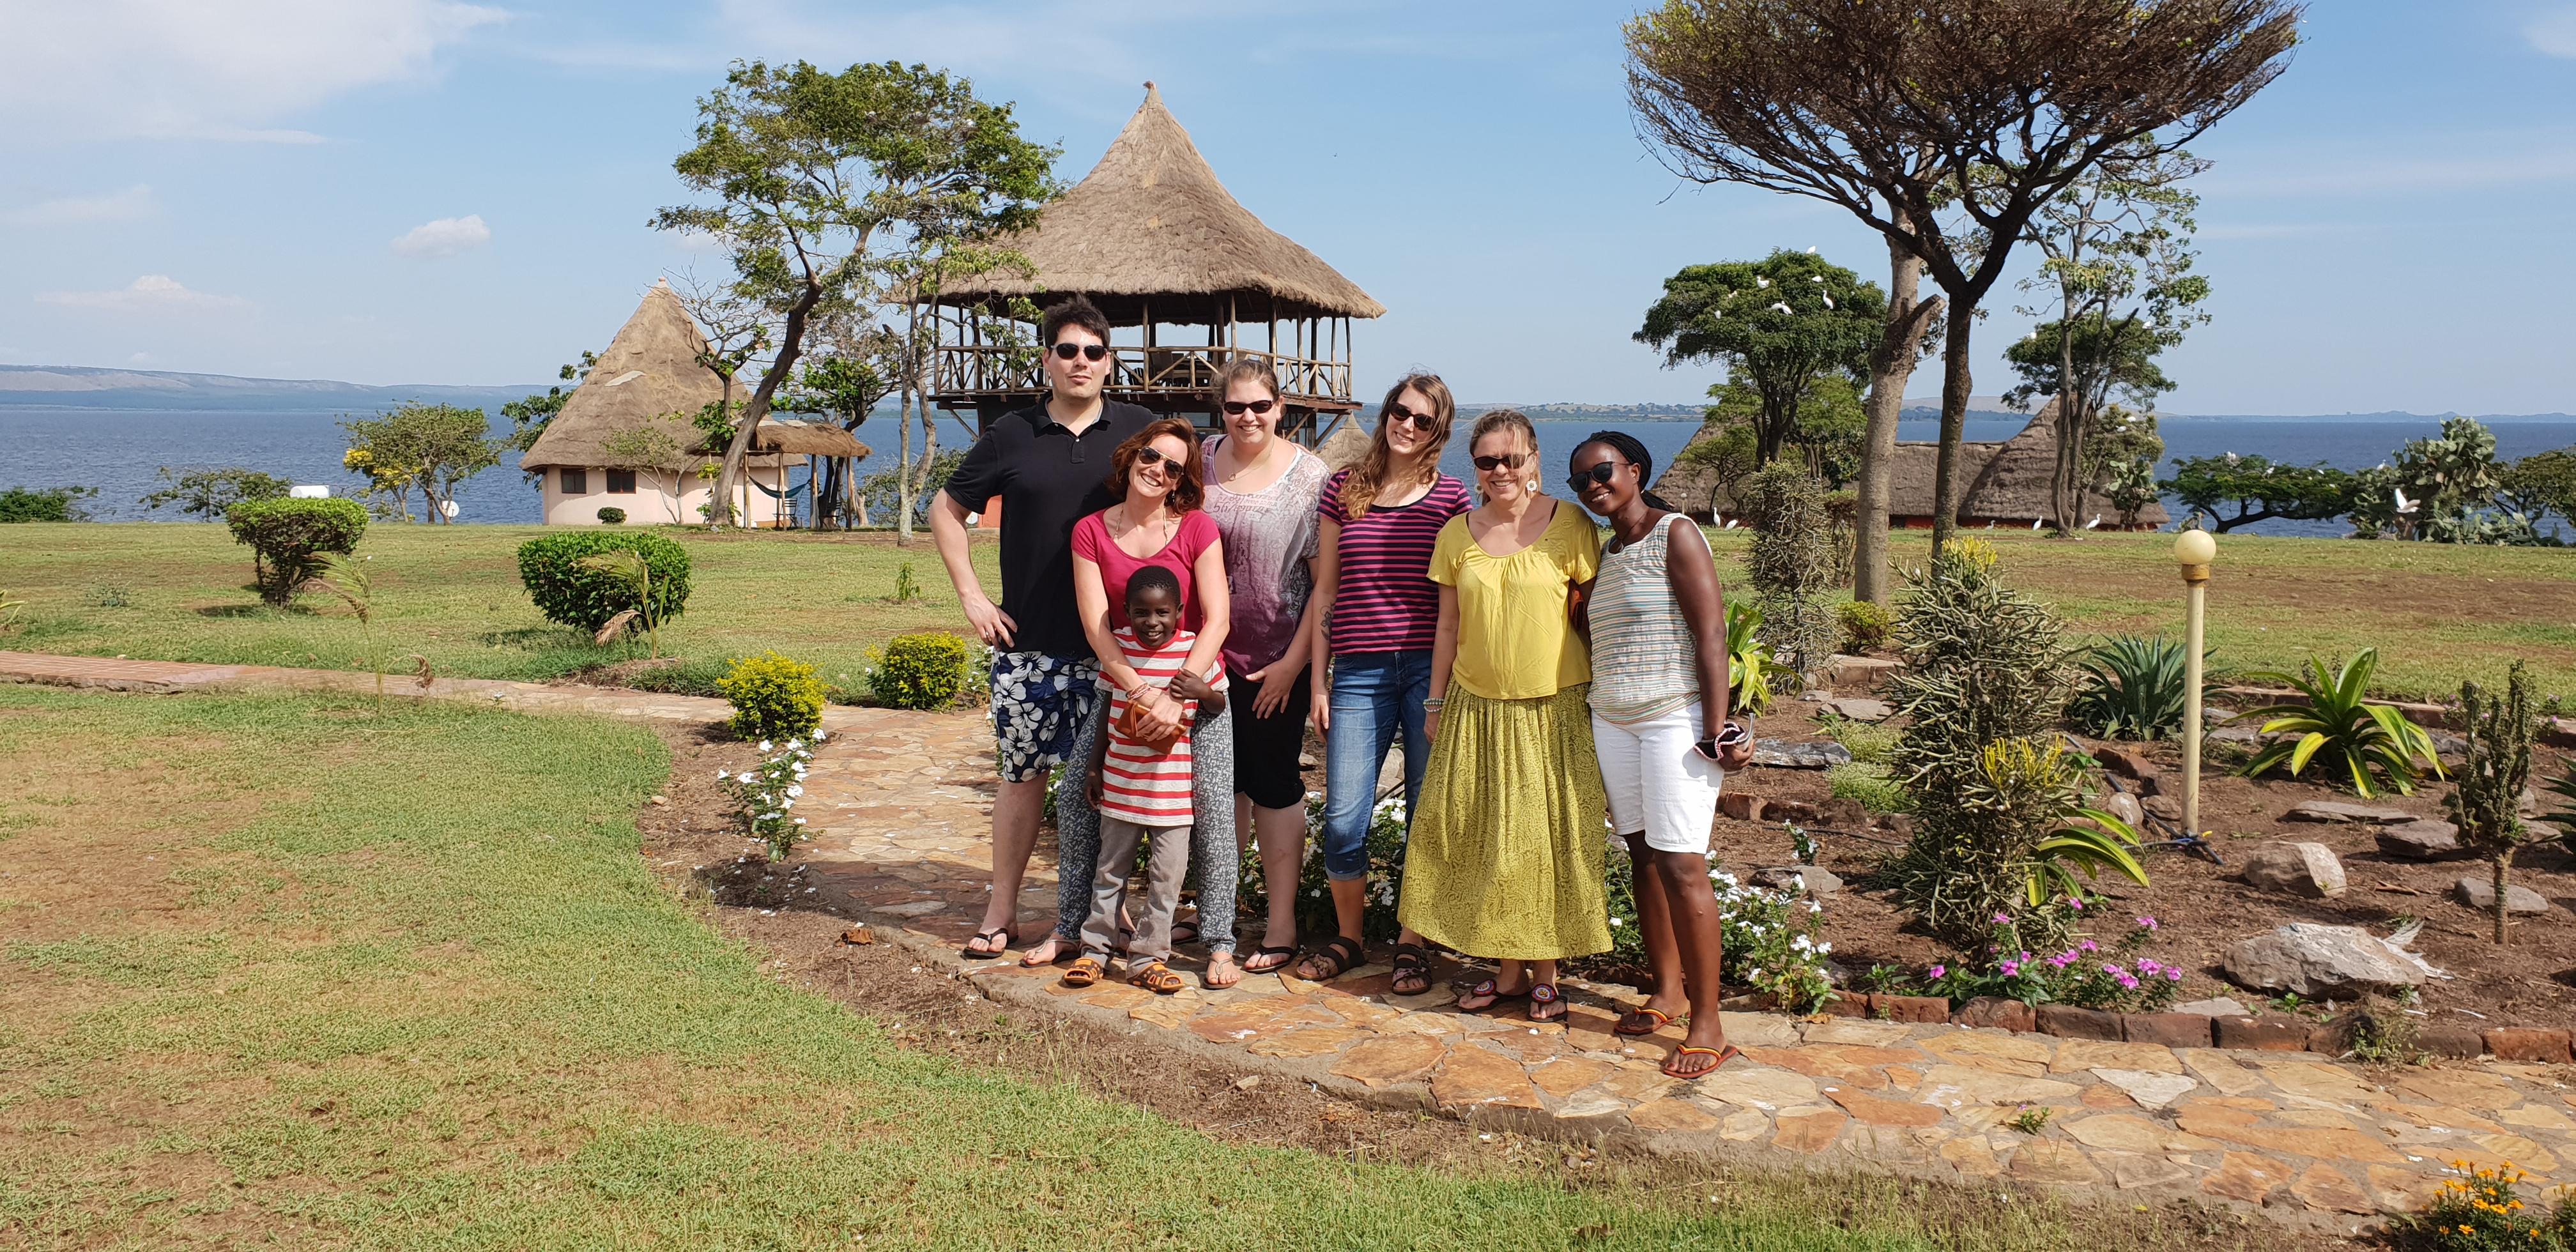 Gruppenfoto vor Lake Victoria